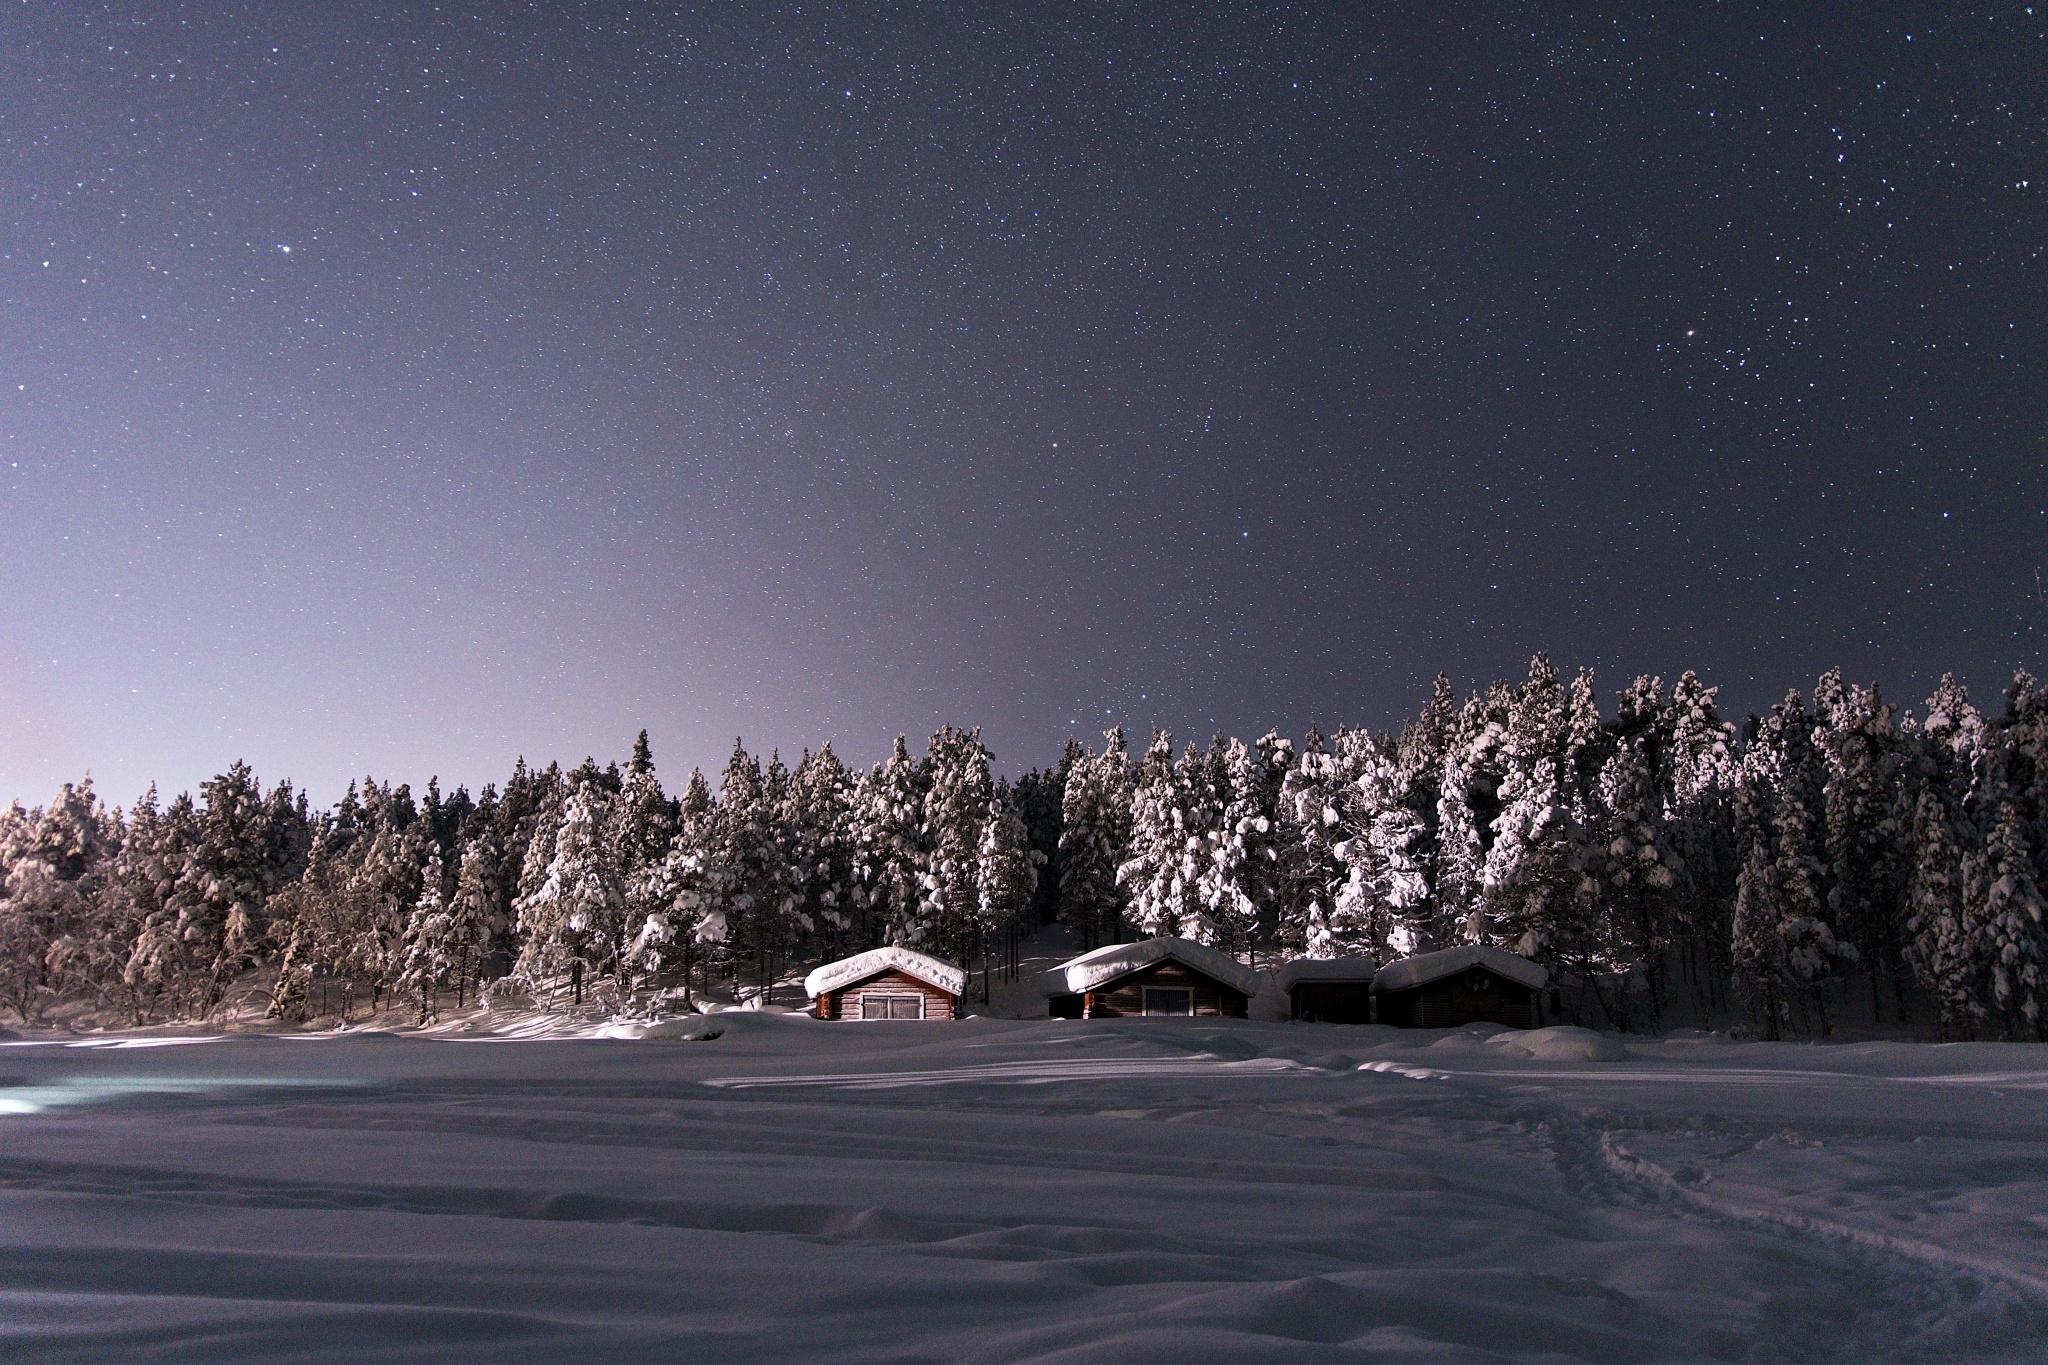 Kevin Bruseby, schwedischer Landschaftsfotograf: Die besten Aufnahmen warten manchmal gleich um die Ecke